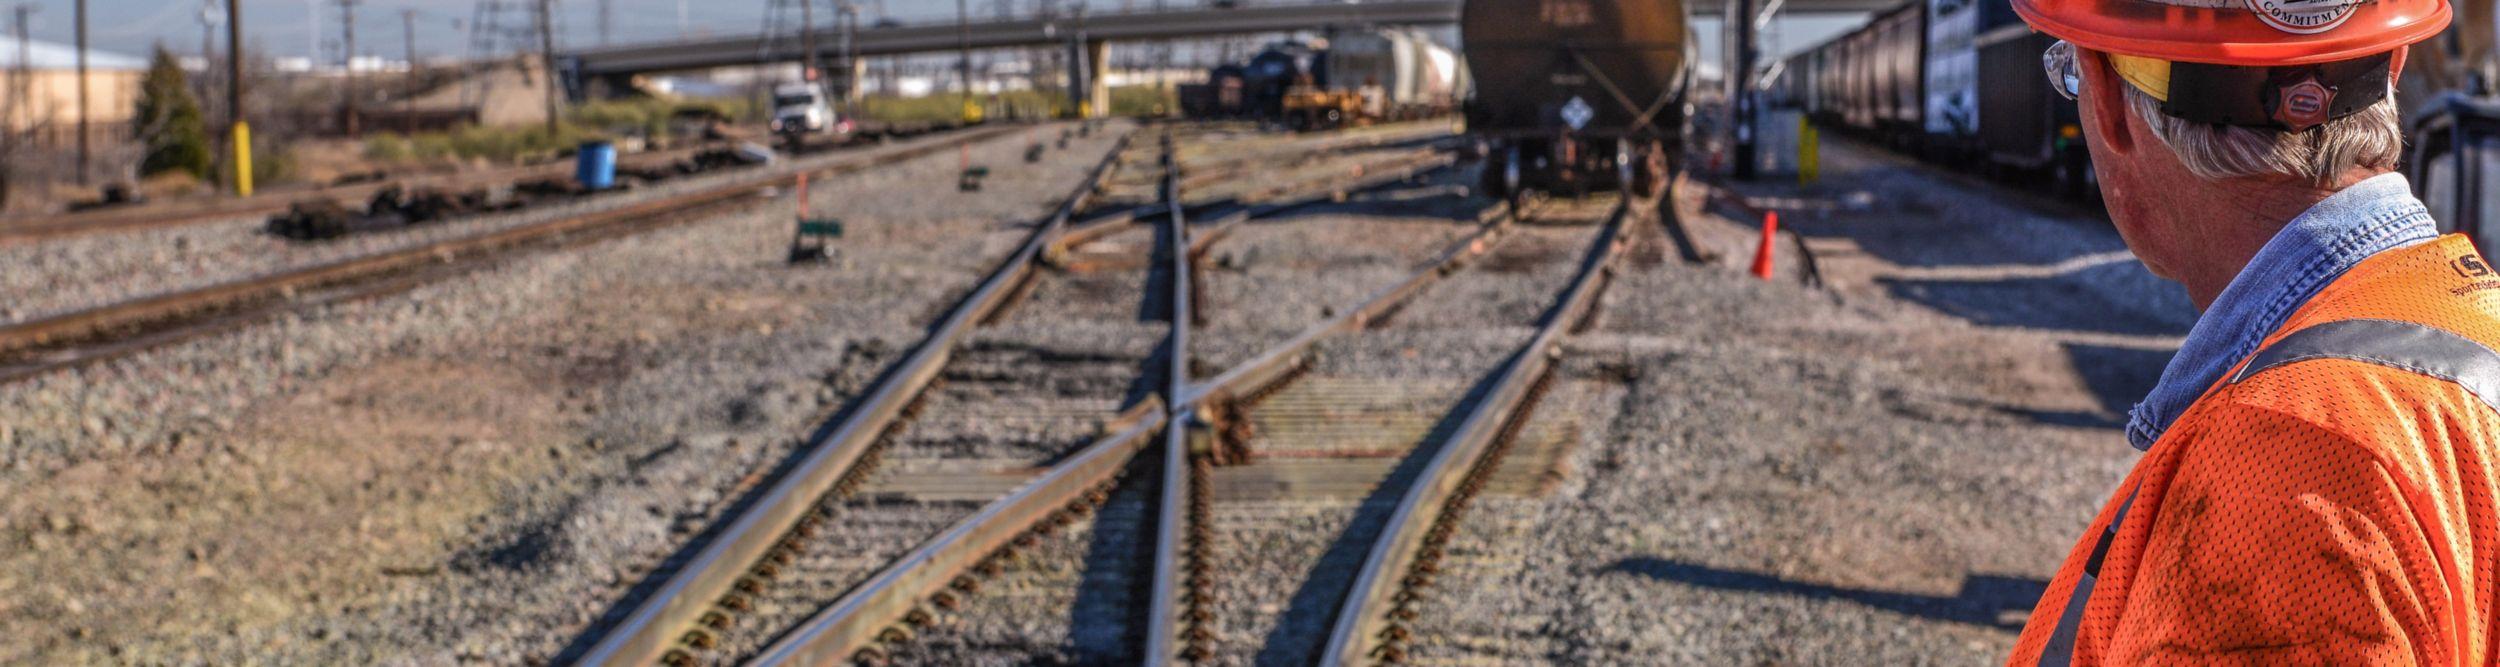 Progress Rail | Trackwork & Fasteners